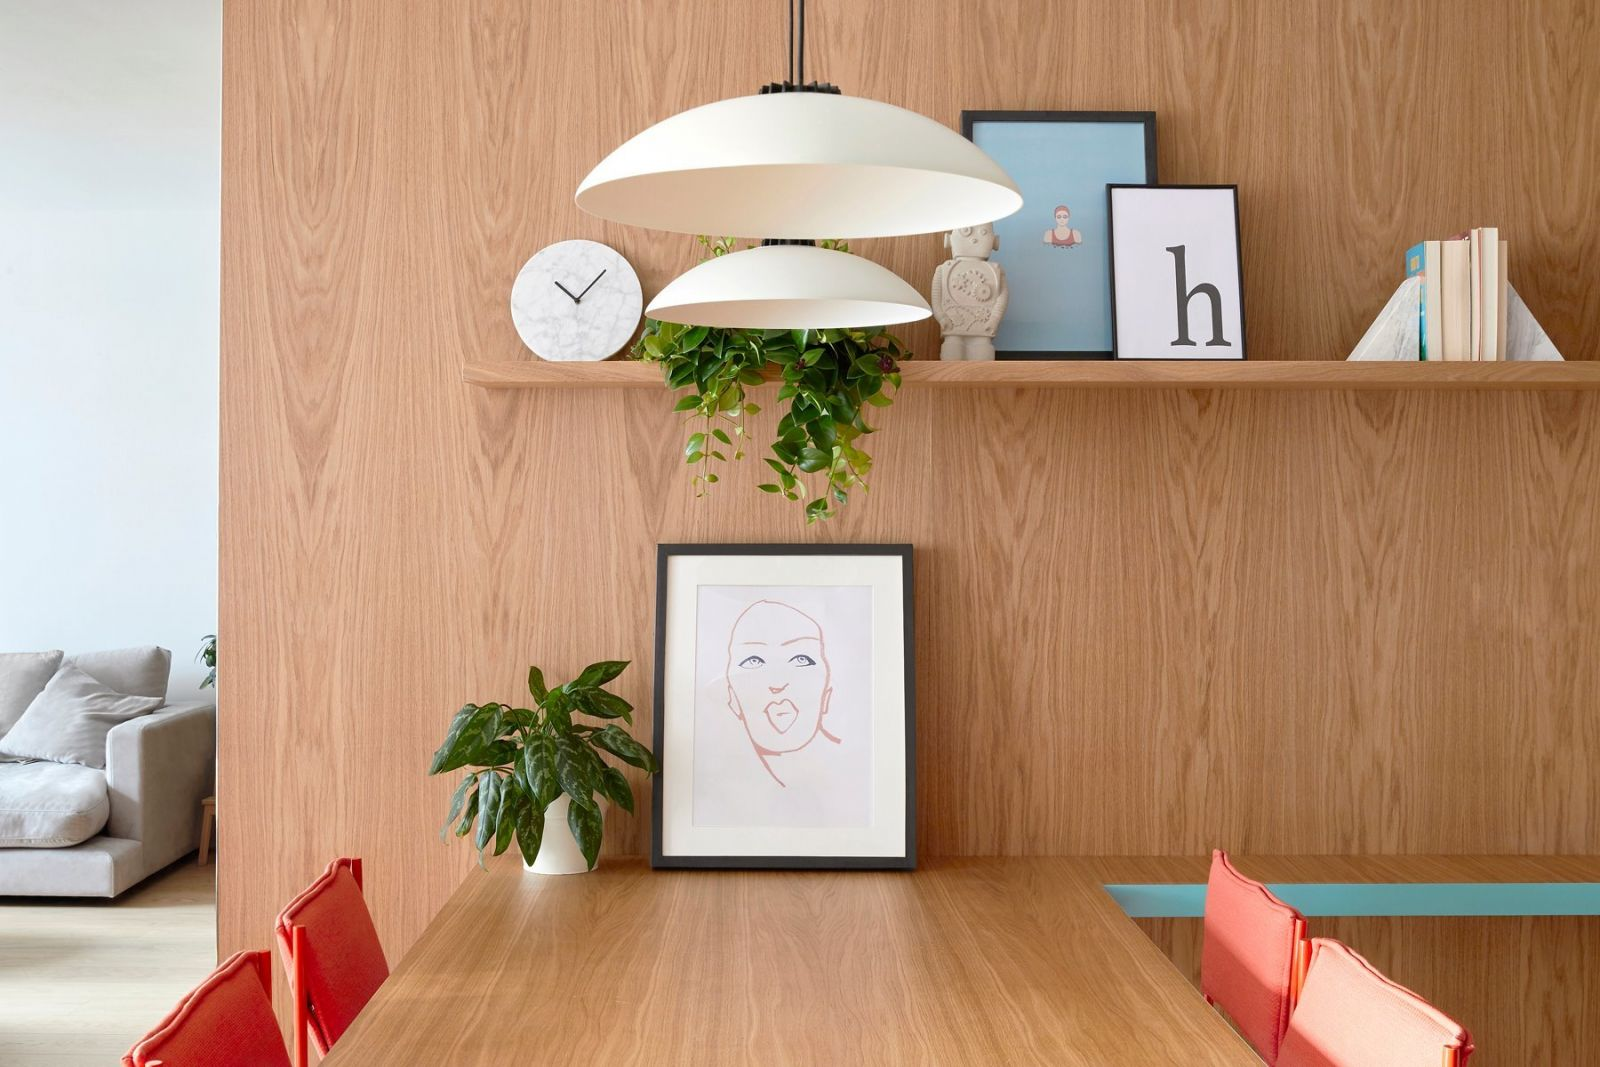 В квартире практически отсутствуют декоративные элементы, а каждый предмет оформления здесь несет функциональную нагрузку